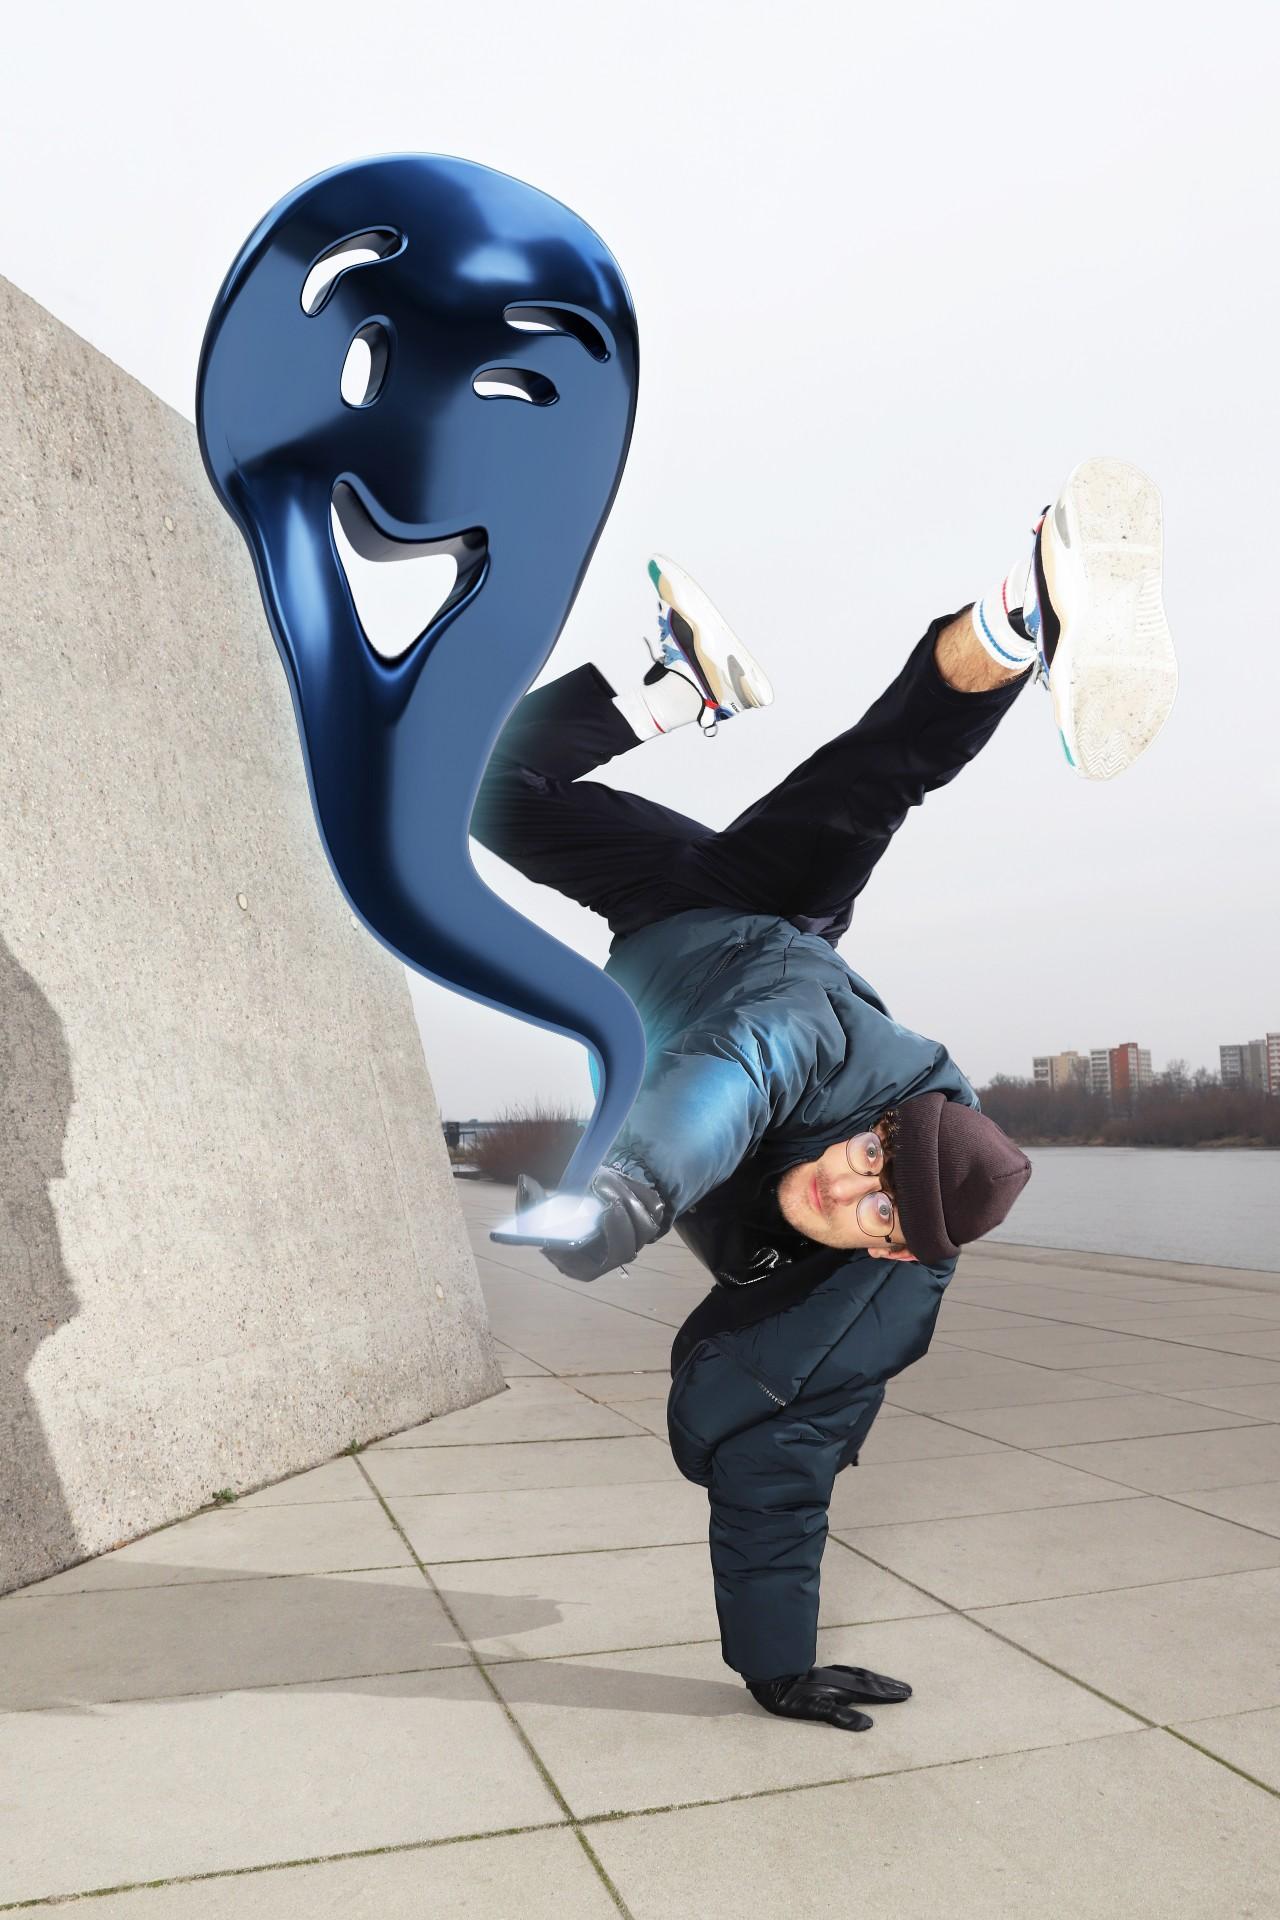 Jakub Józef Orliński stworzy prawdziwy hologram przy pomocy Galaxy S20 FE 5G marki Samsung